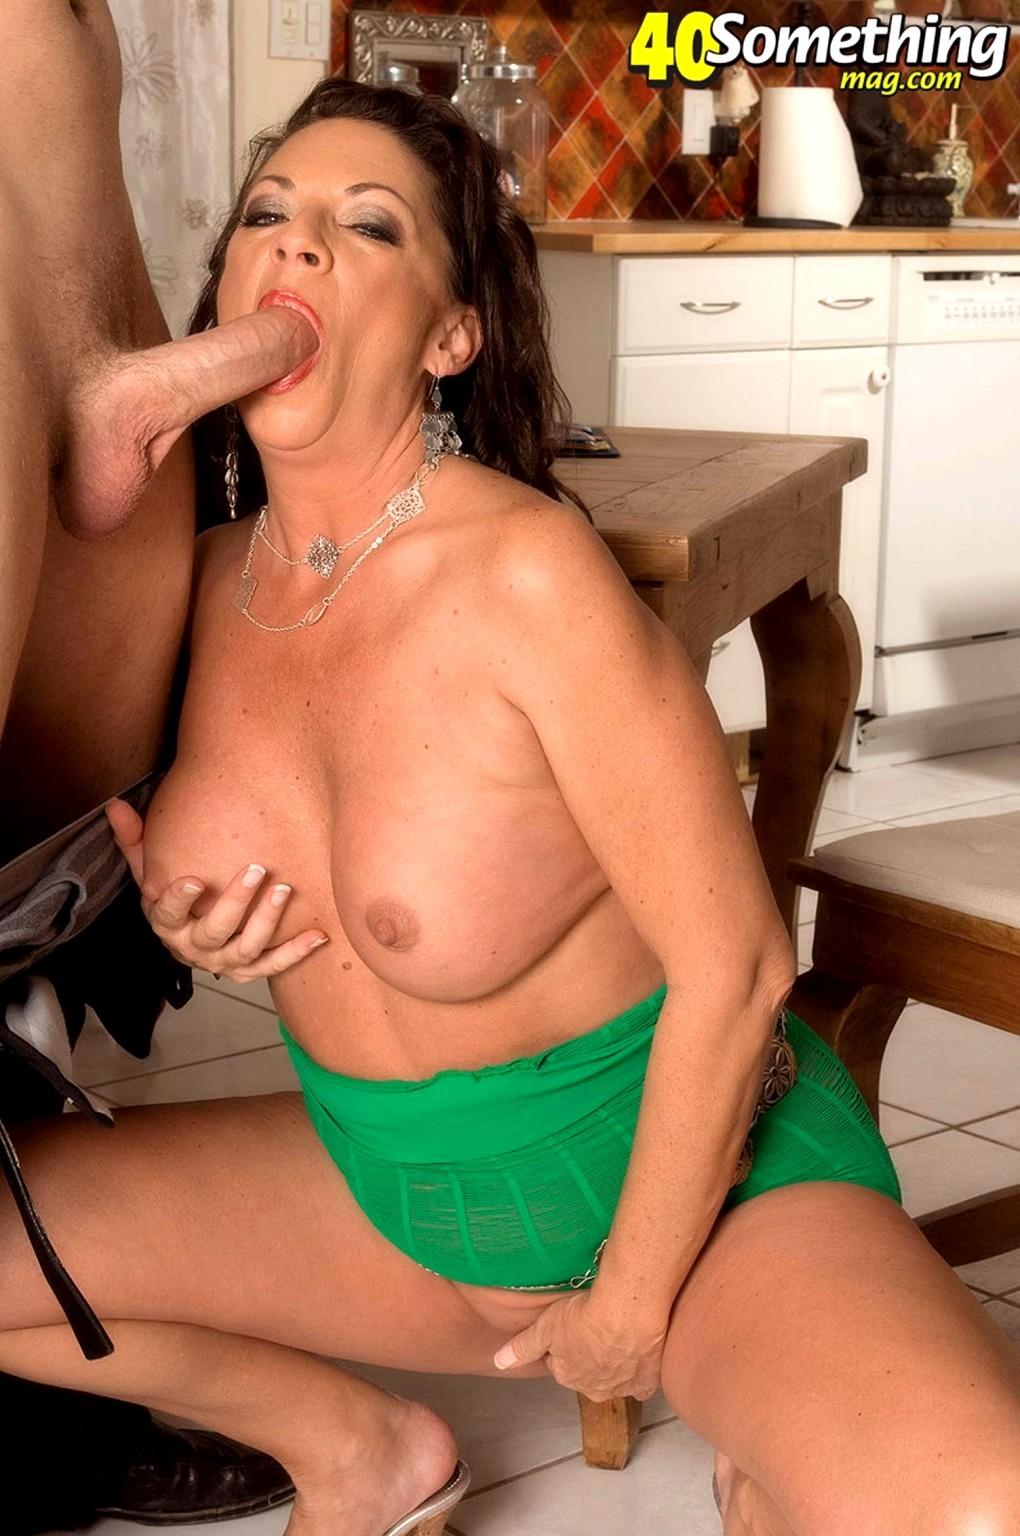 Margo sullivan porn